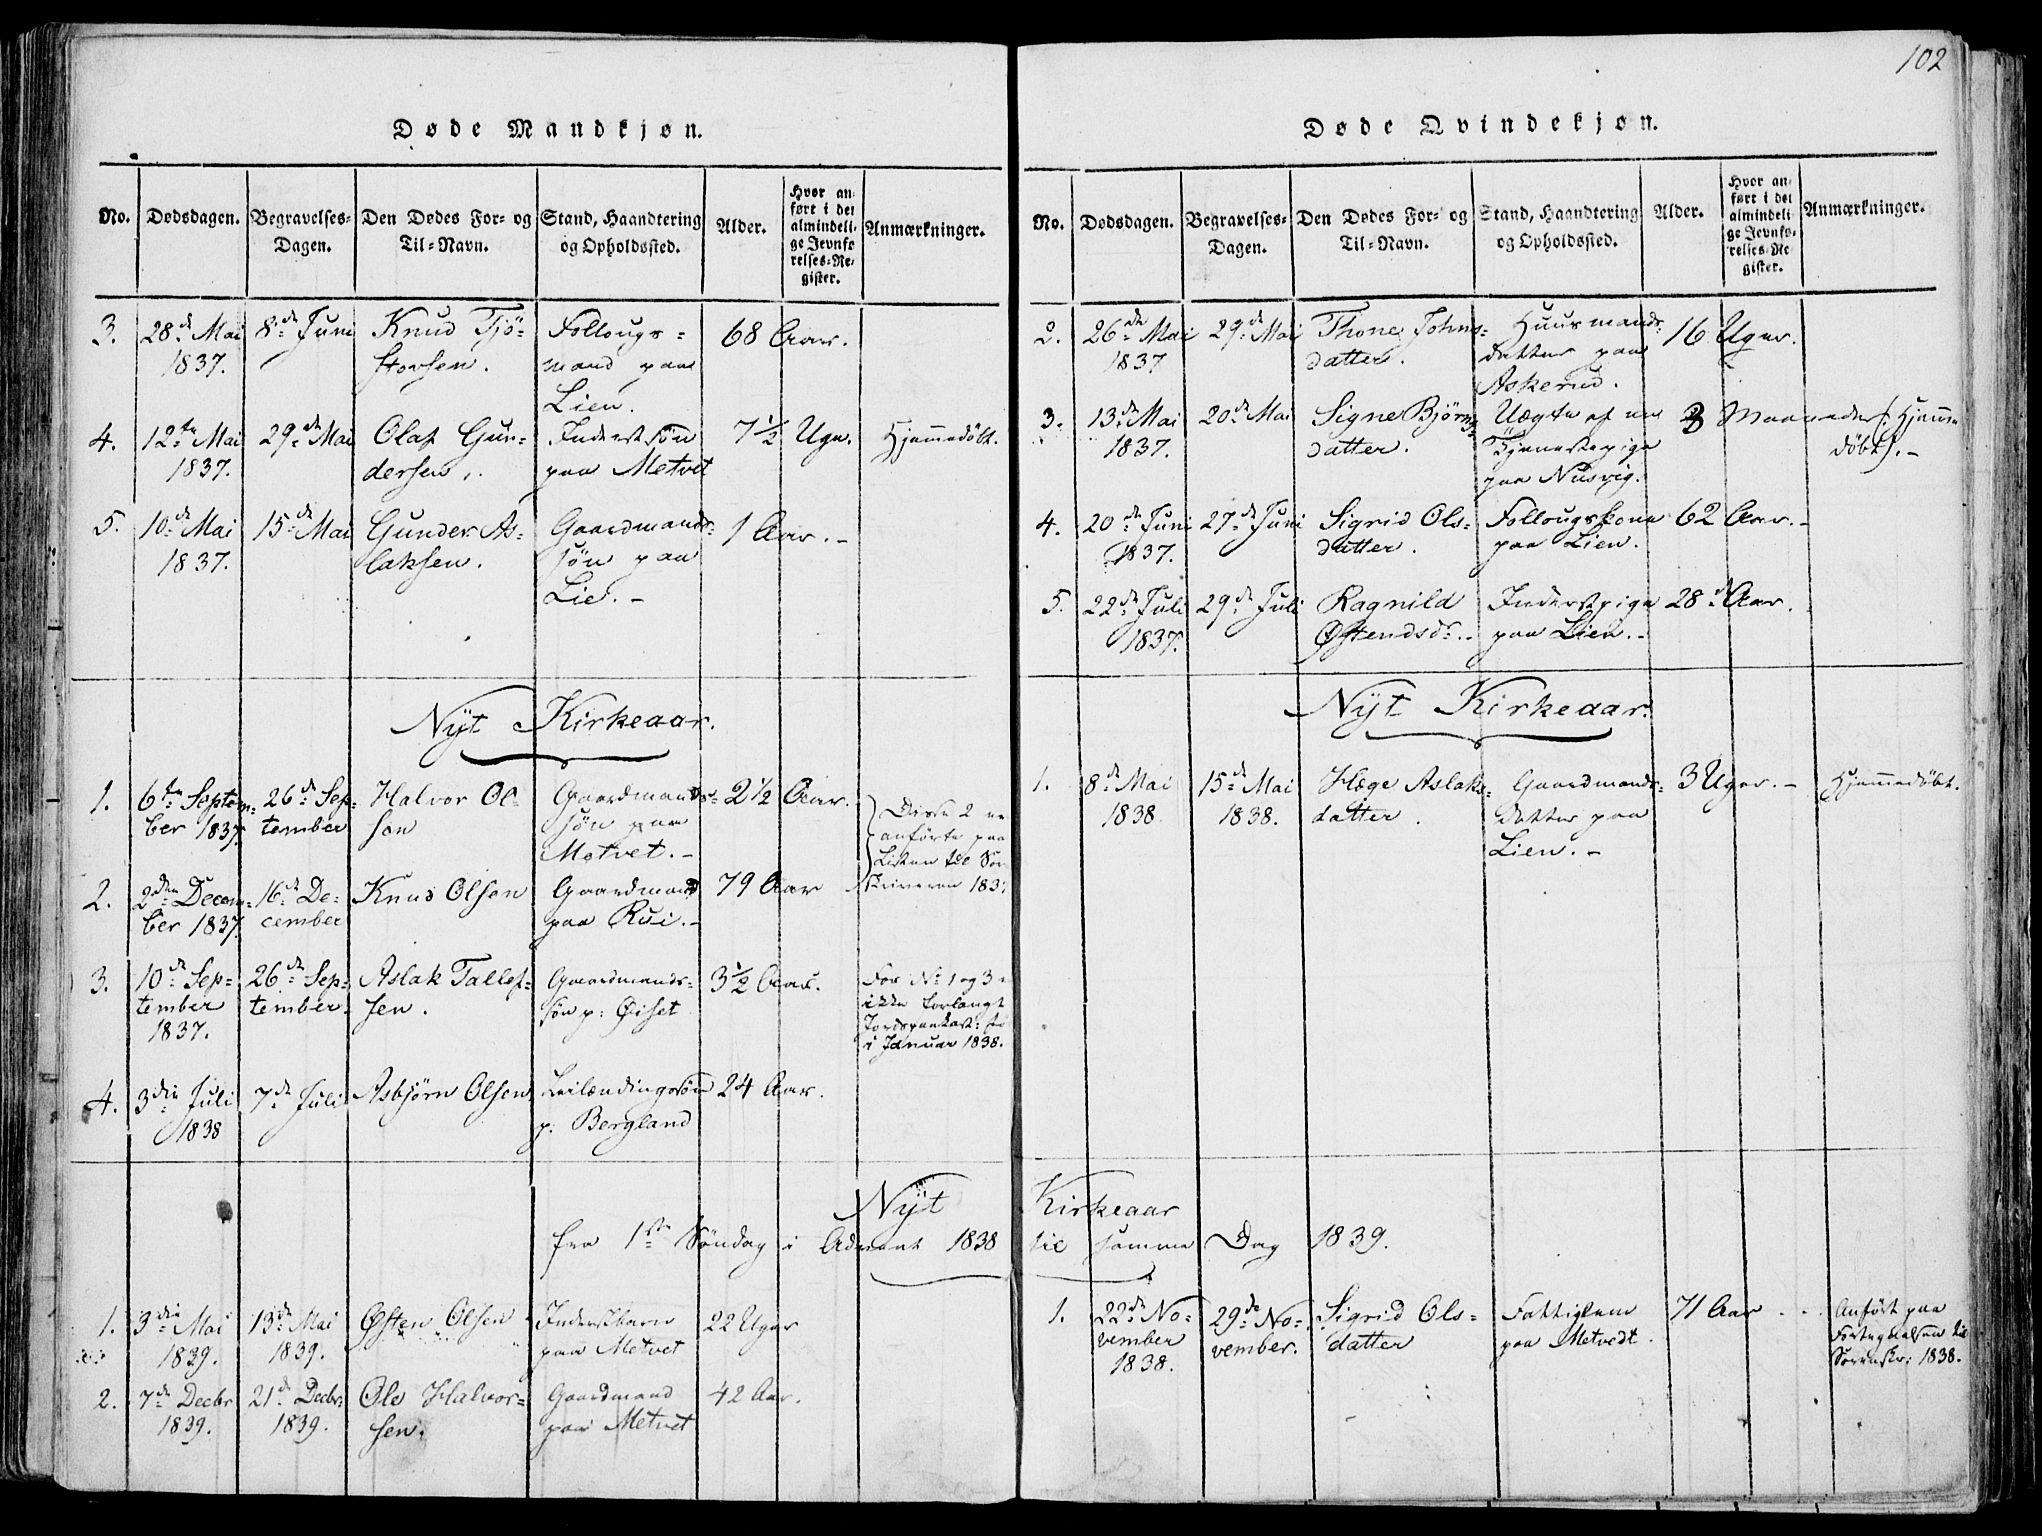 SAKO, Fyresdal kirkebøker, F/Fa/L0004: Ministerialbok nr. I 4, 1815-1854, s. 102